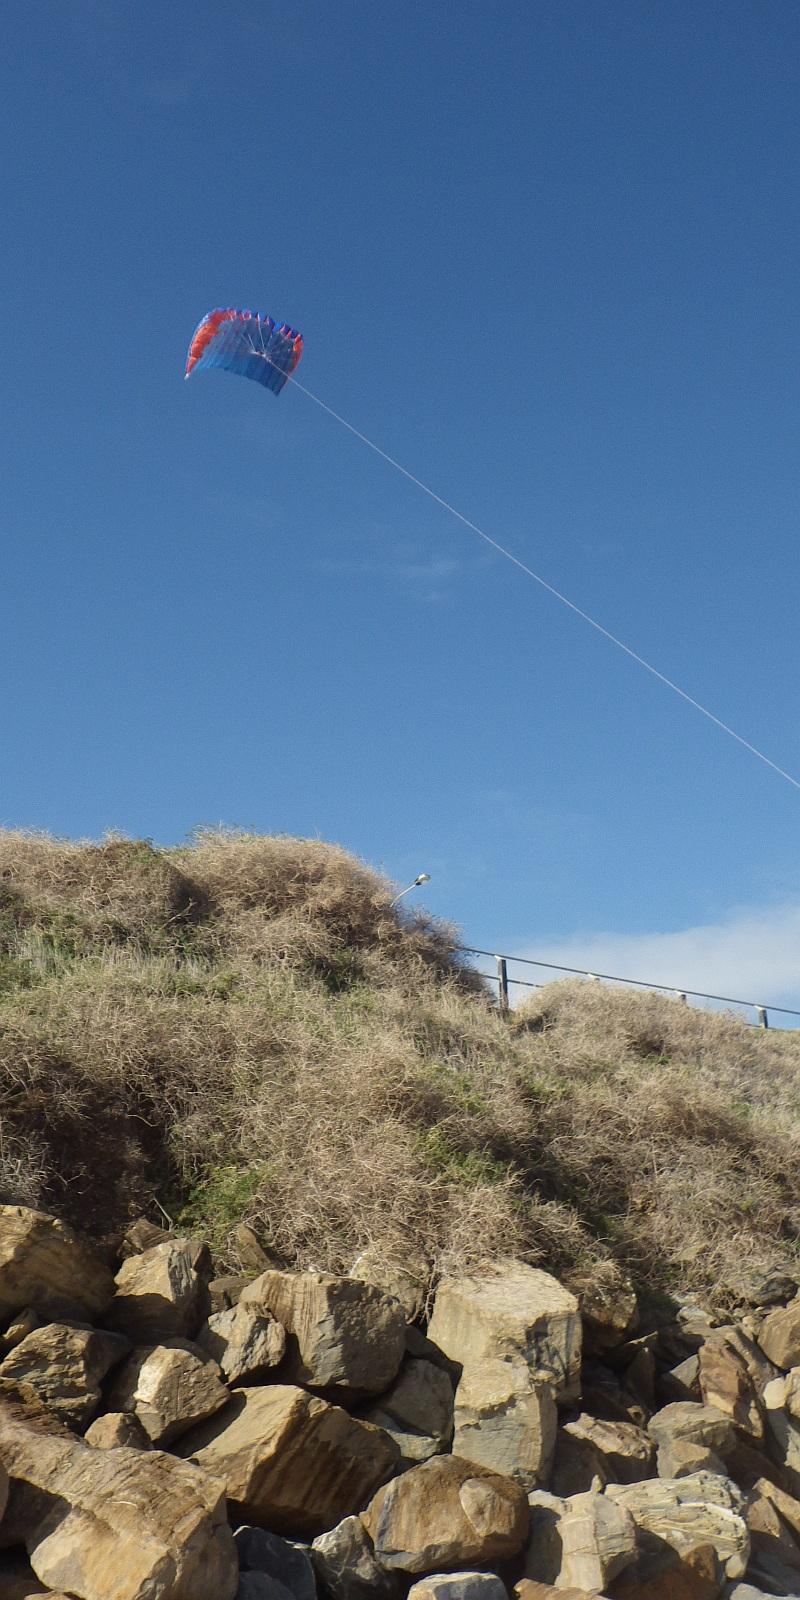 MBK Parachute kite 1 - 3.